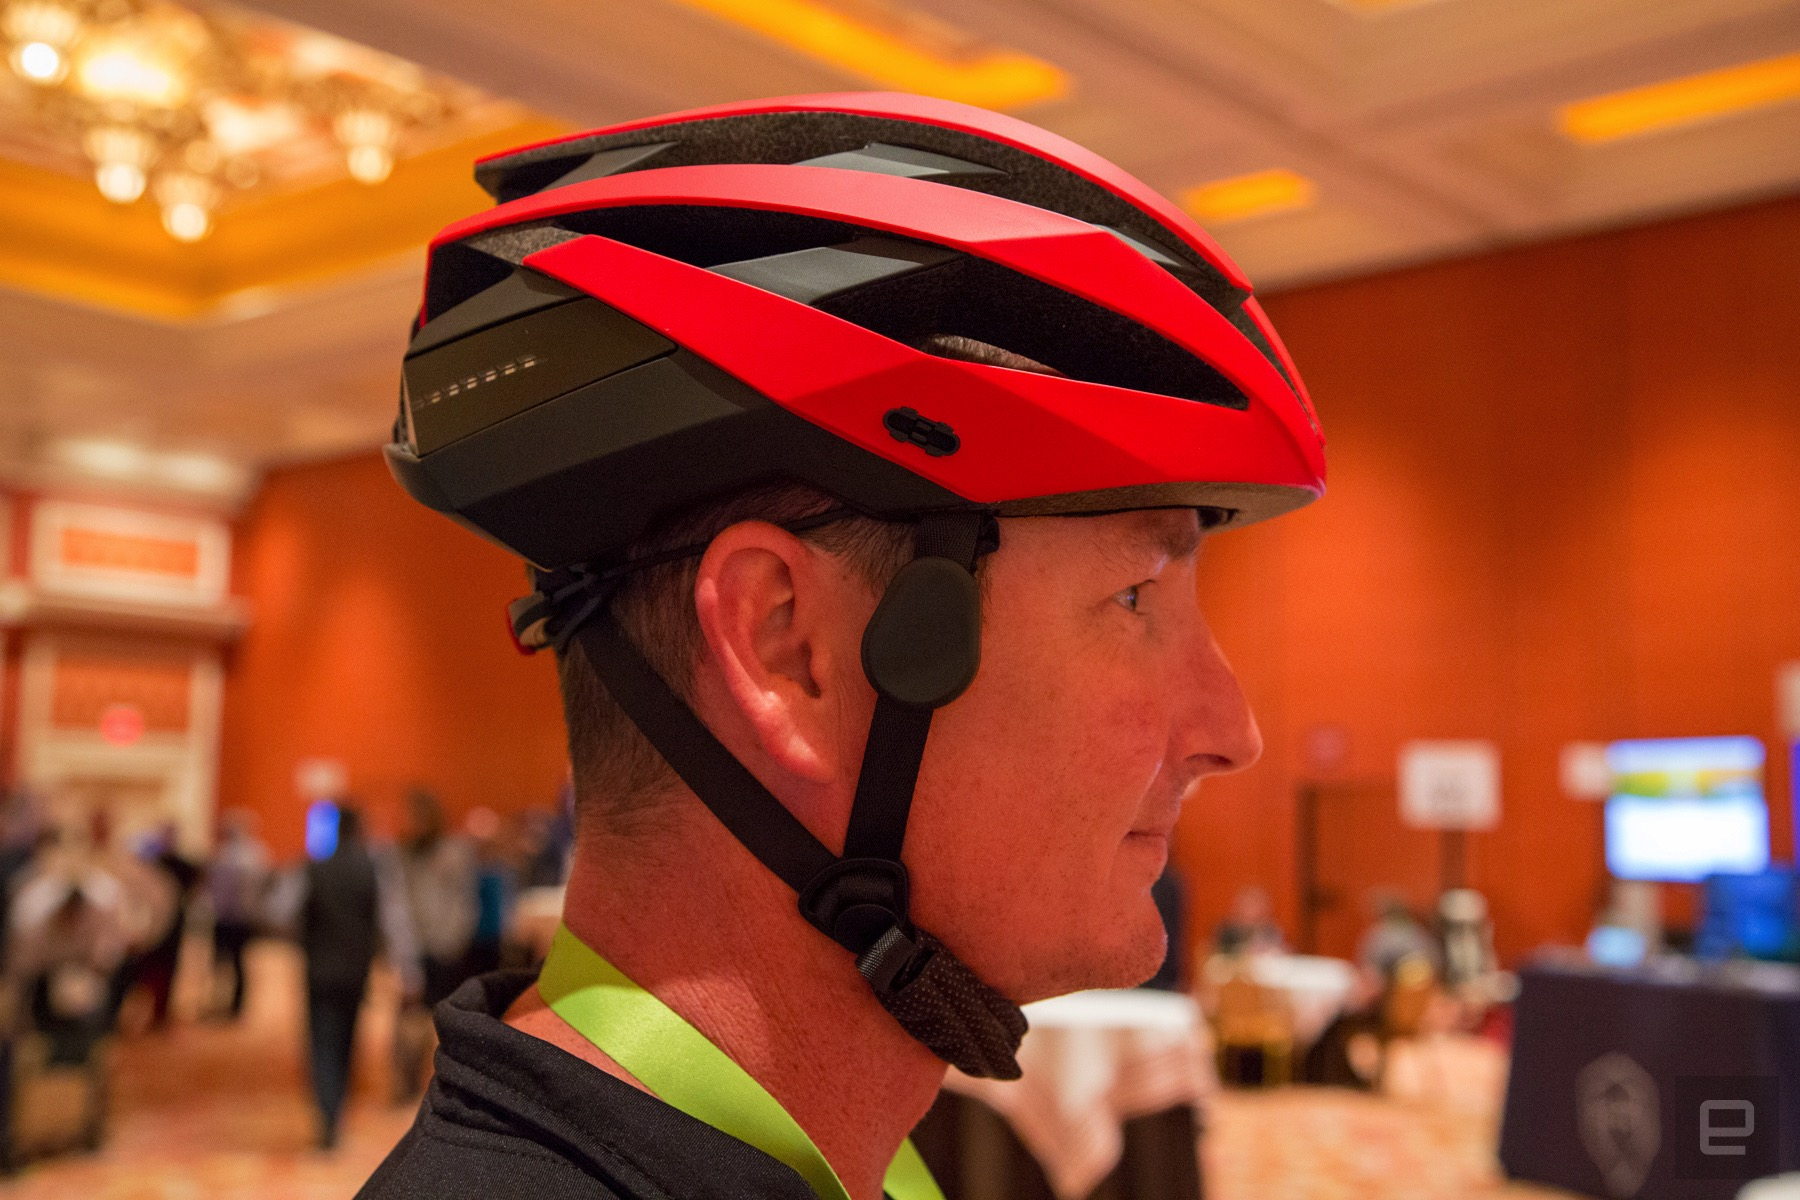 Helmet rear view camera